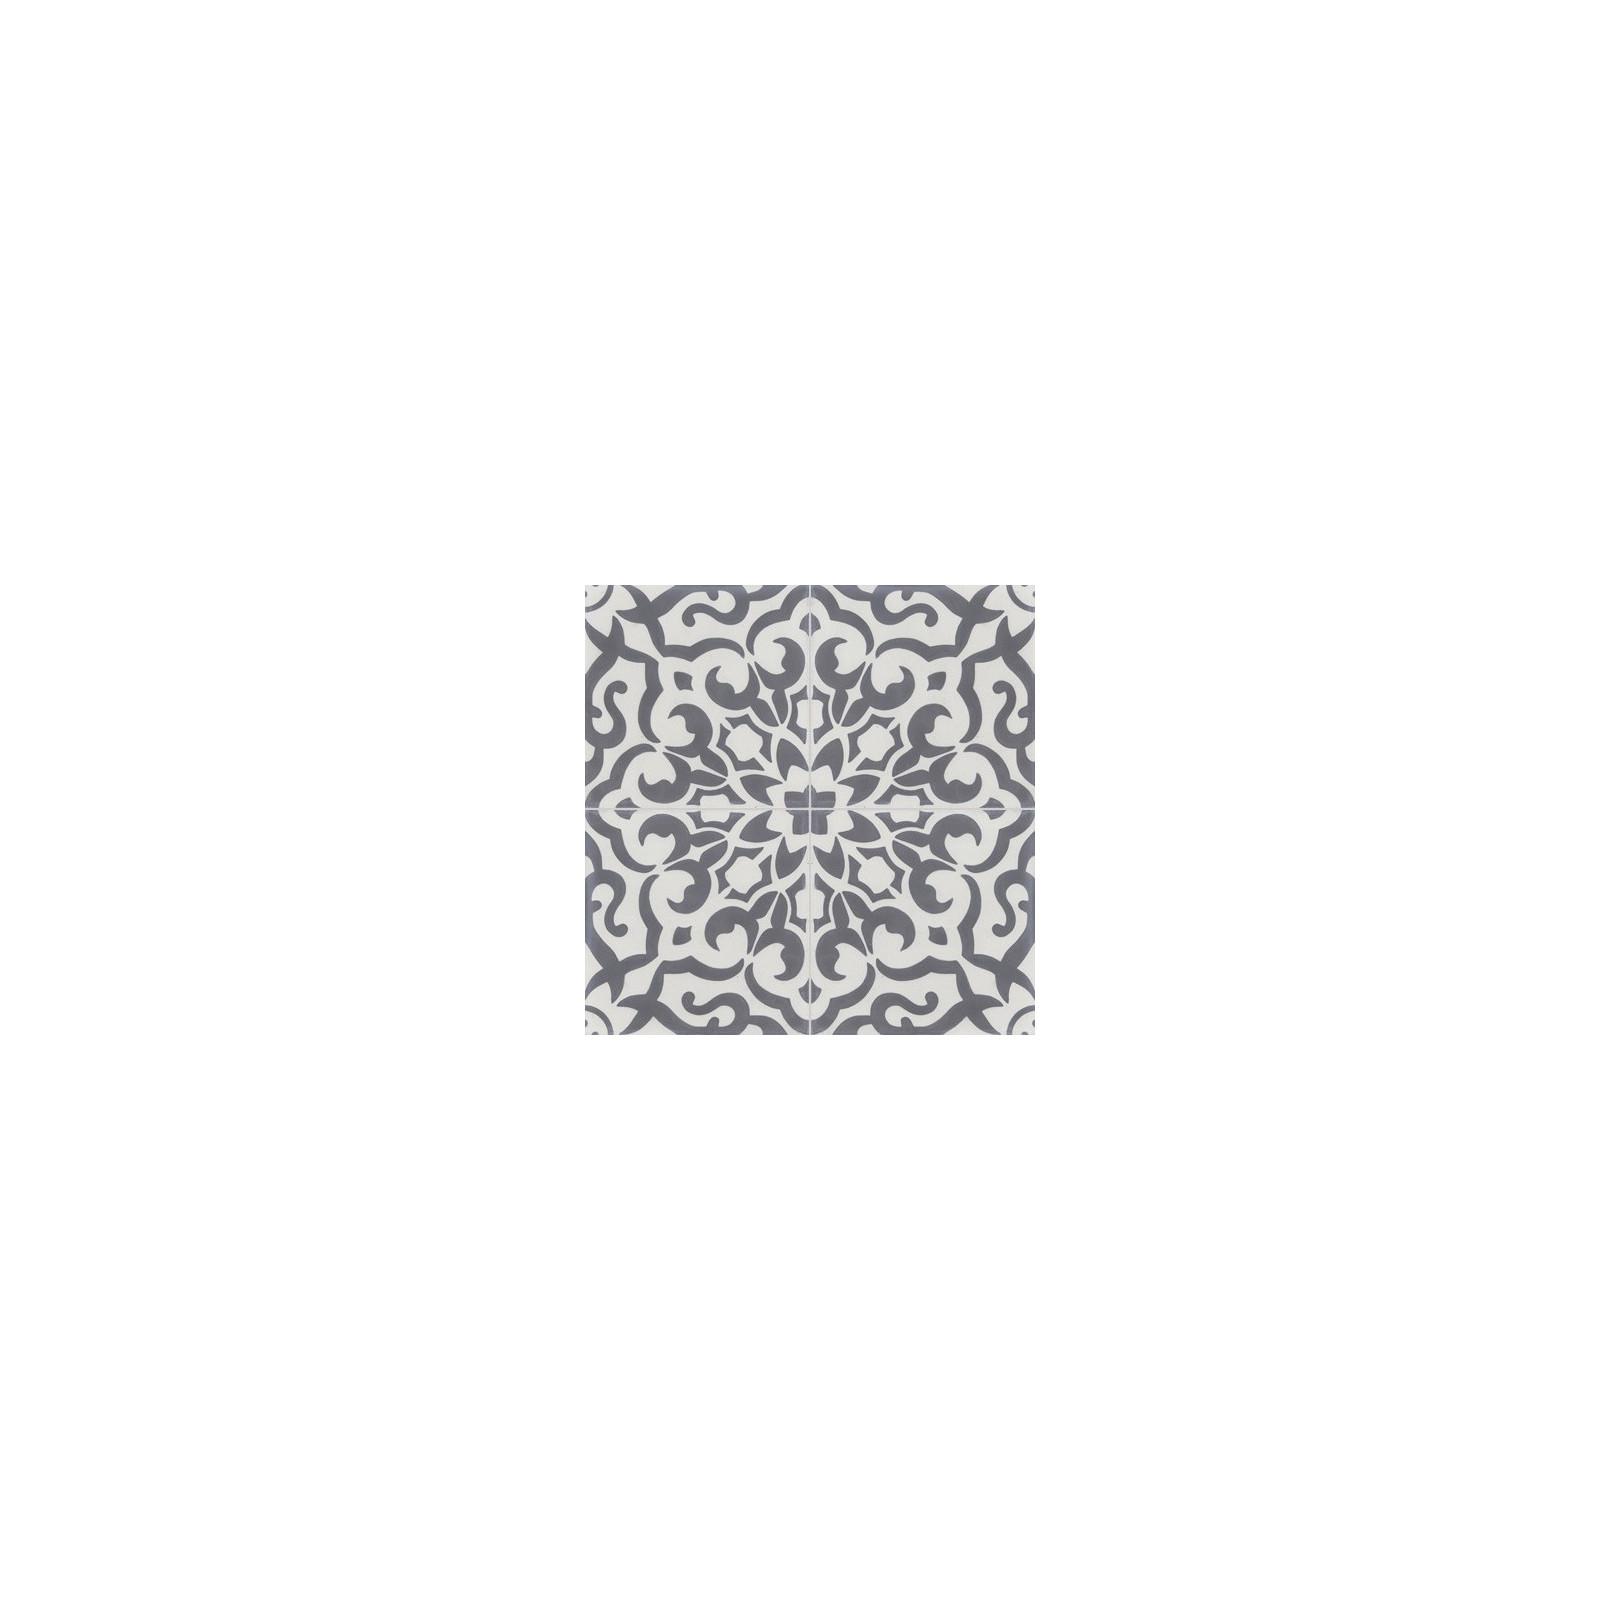 Carreau de ciment color motif 4 carreaux gris et blanc - Motif carreau de ciment ...